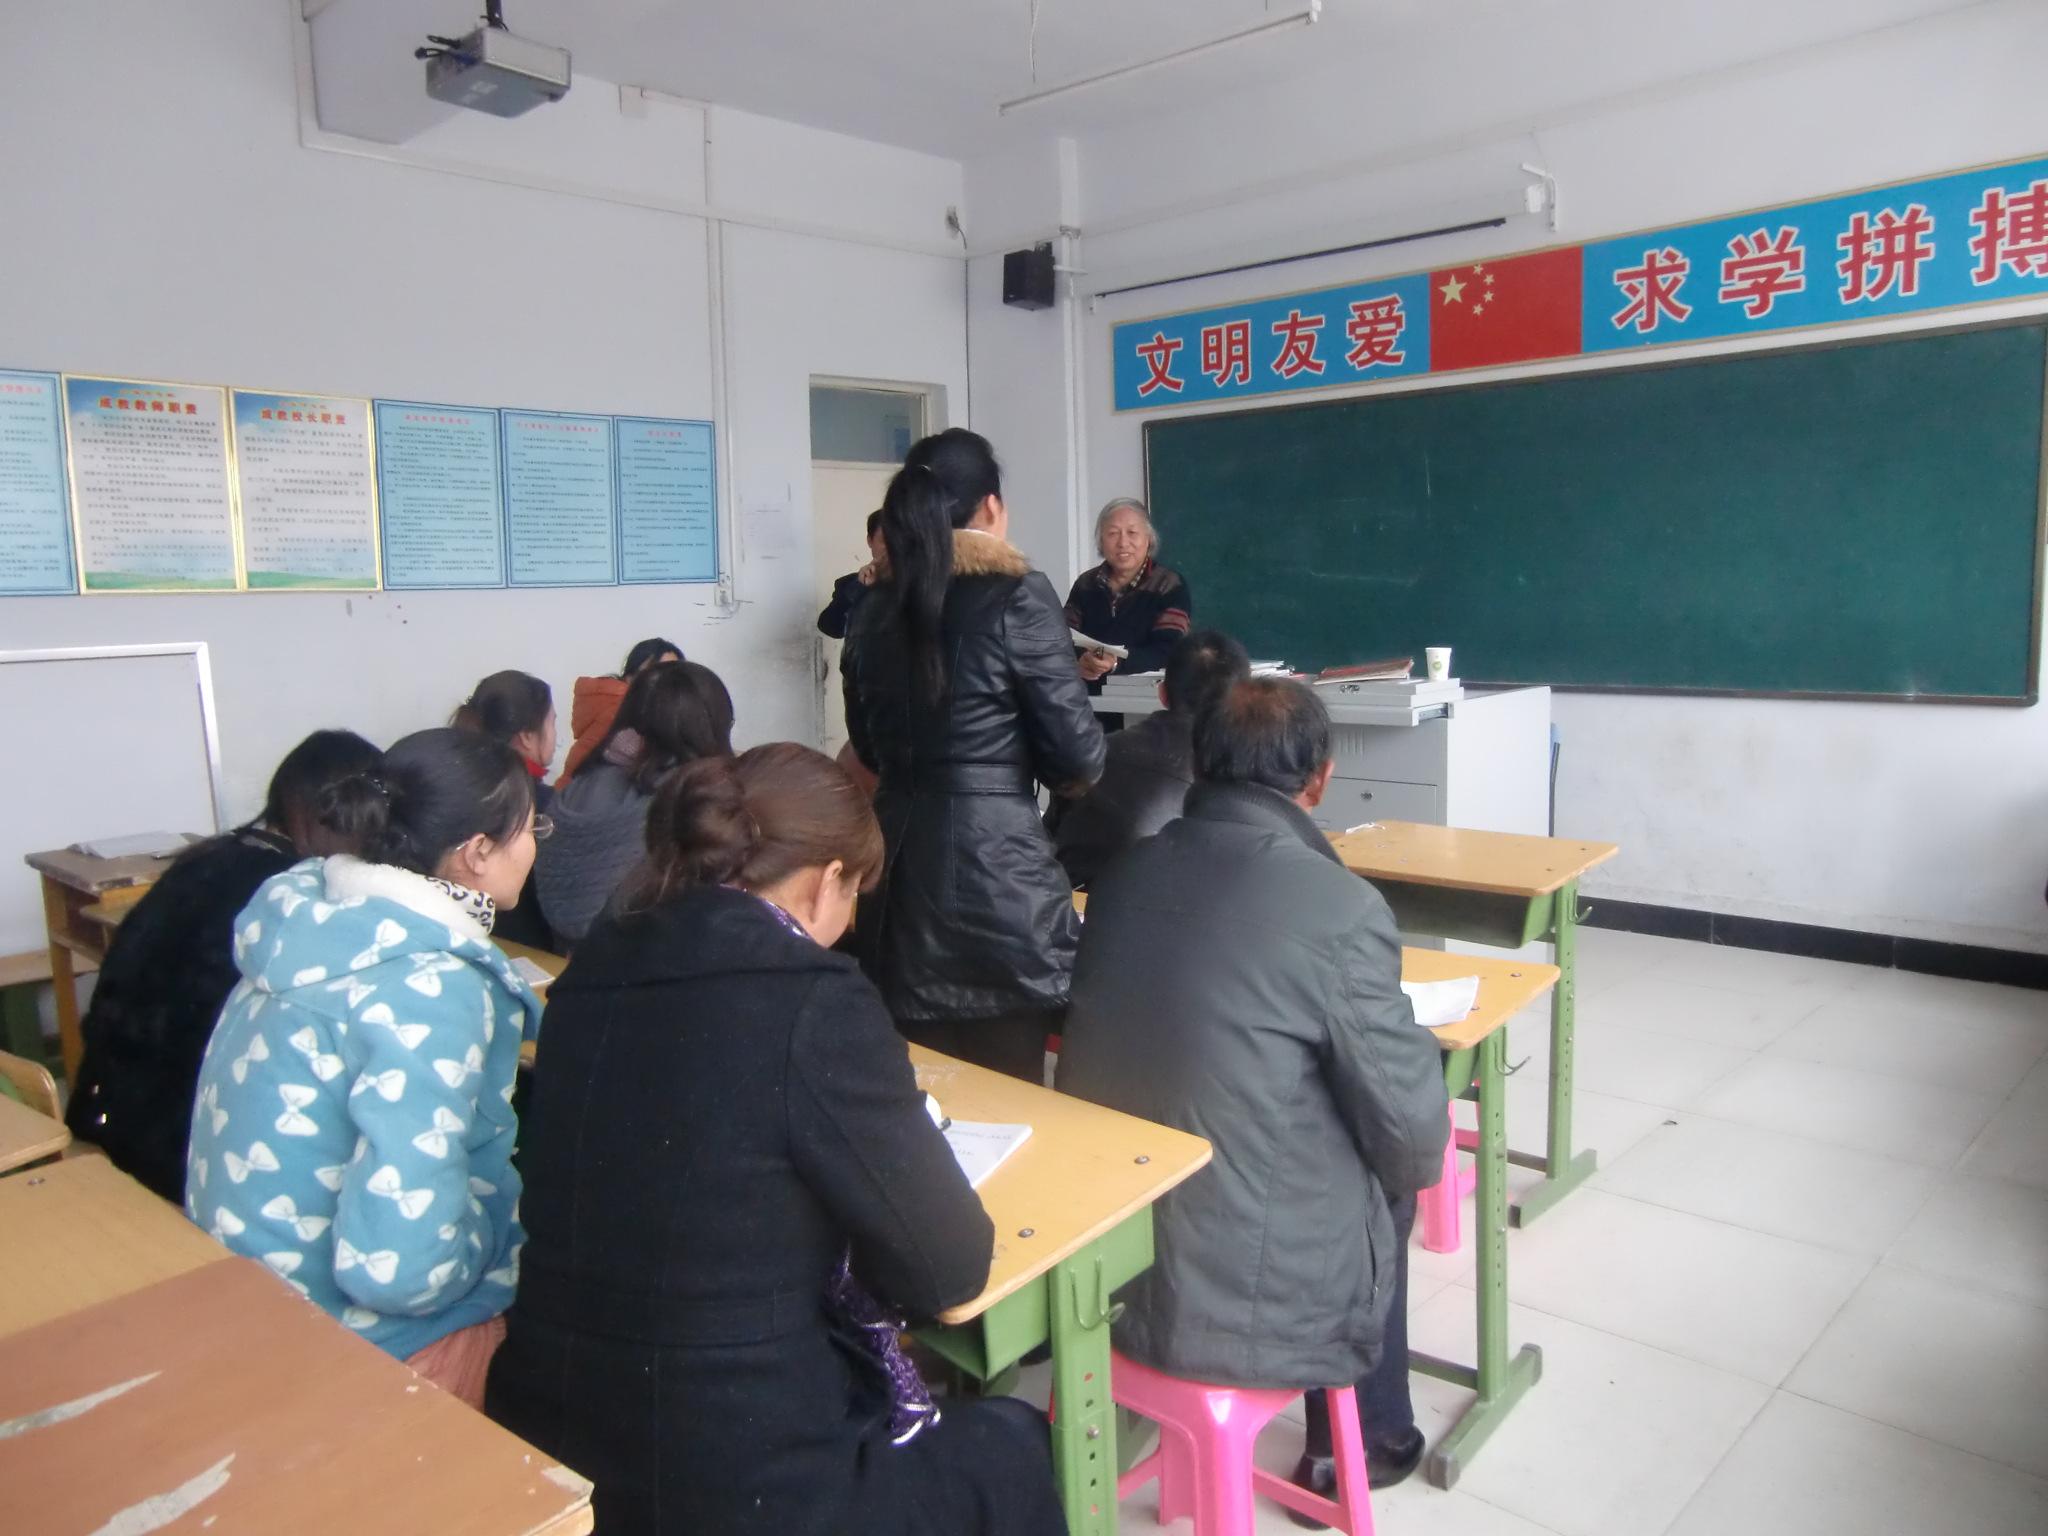 学生们分组做布贴画后,由于大武 日(周六)河北省青龙满族自治县